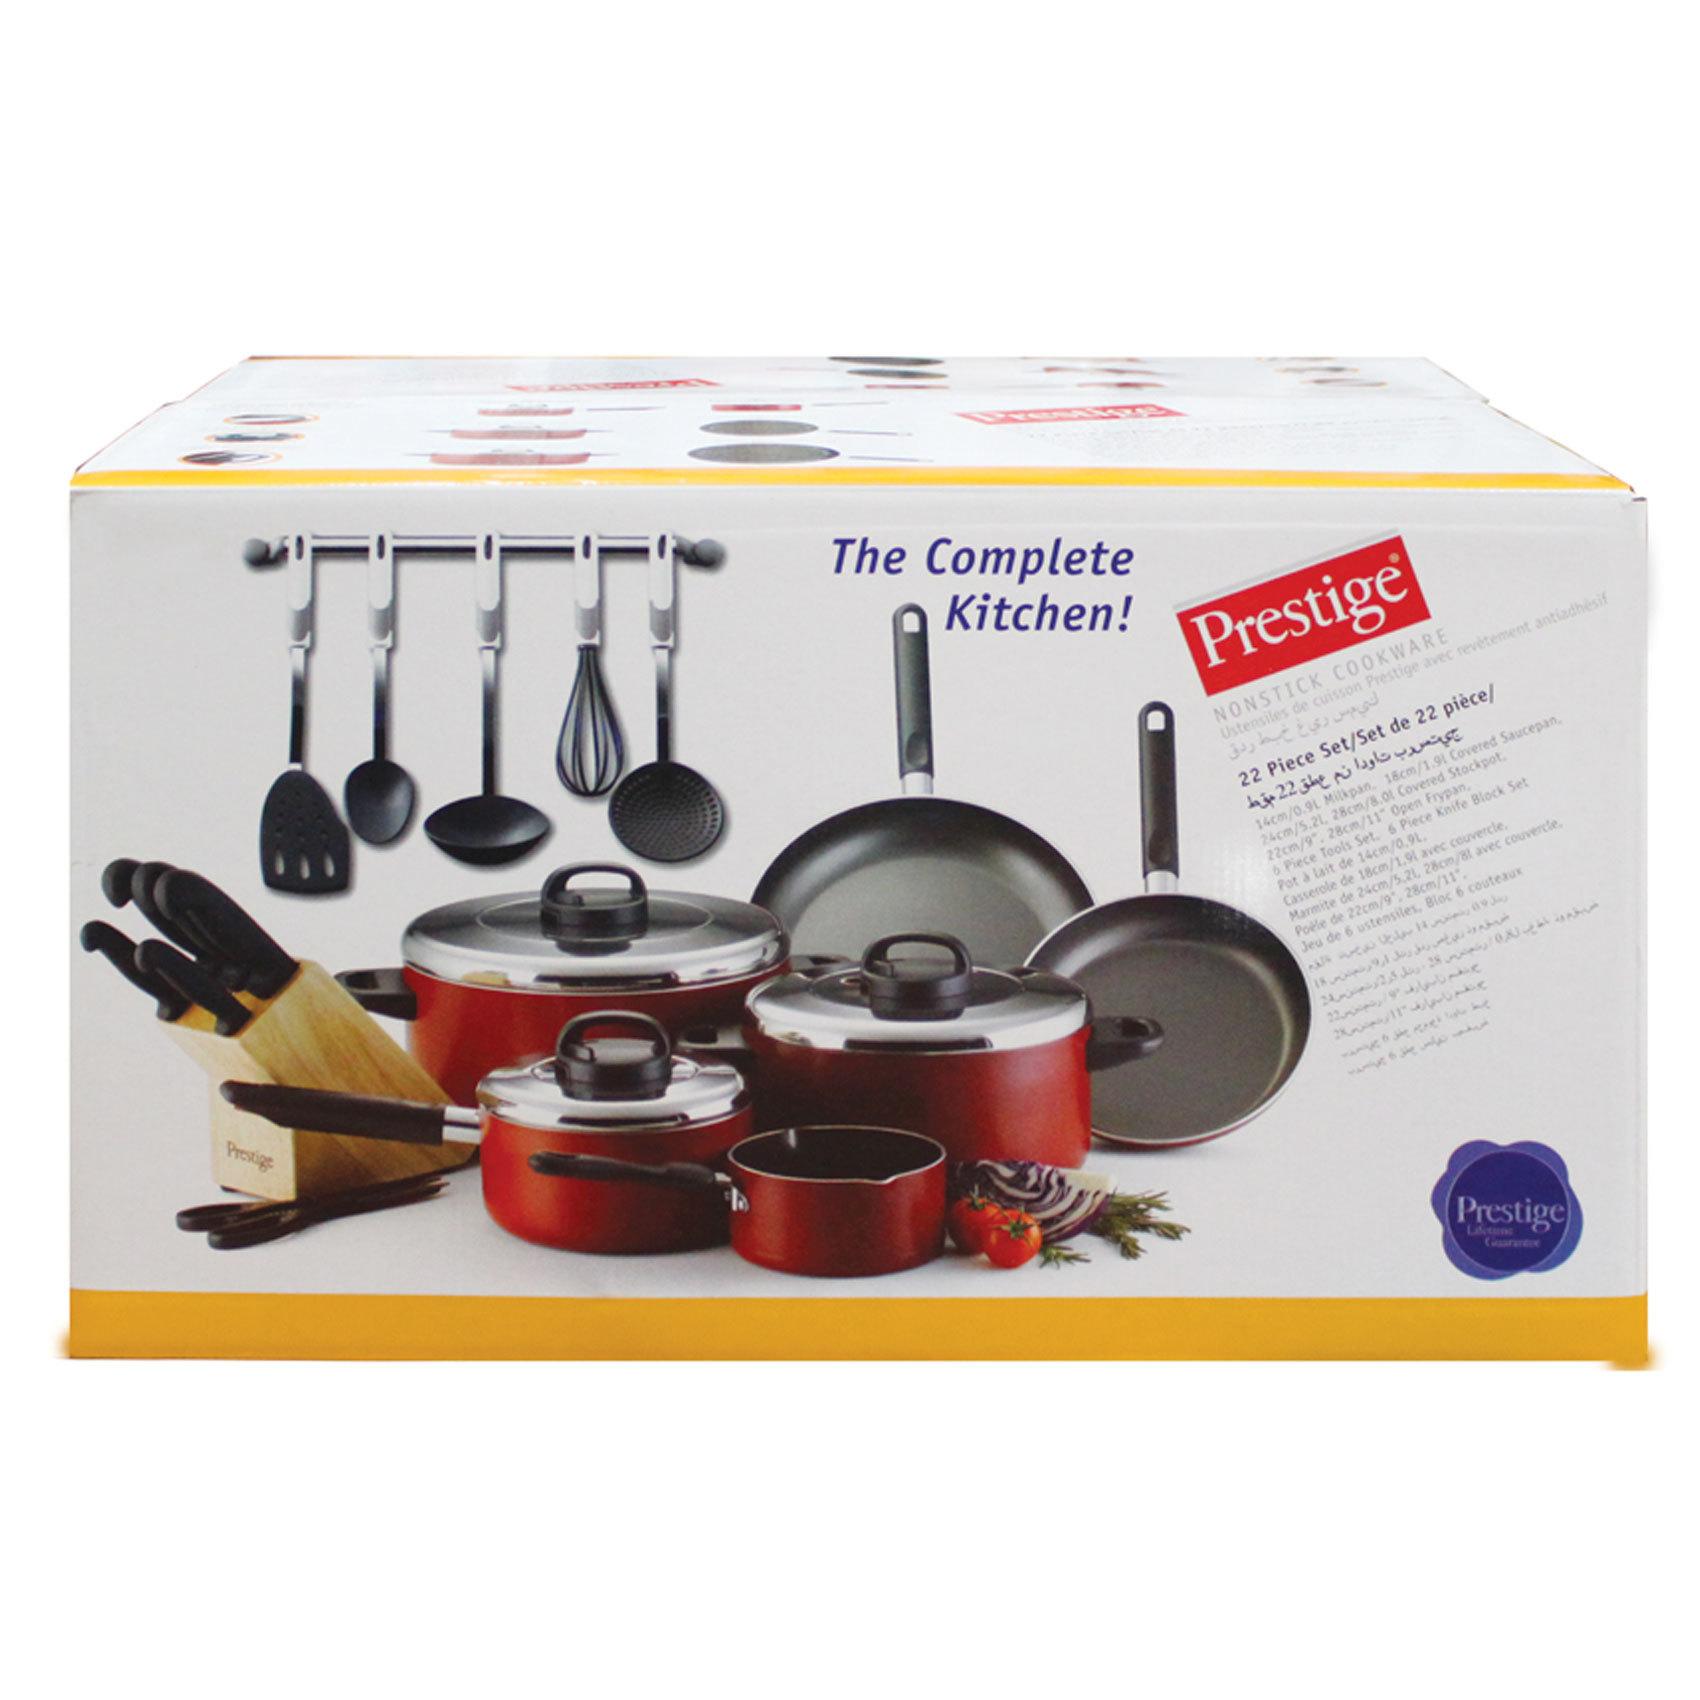 Buy Prestige Cooking Set 22pcs Online in UAE - Carrefour UAE